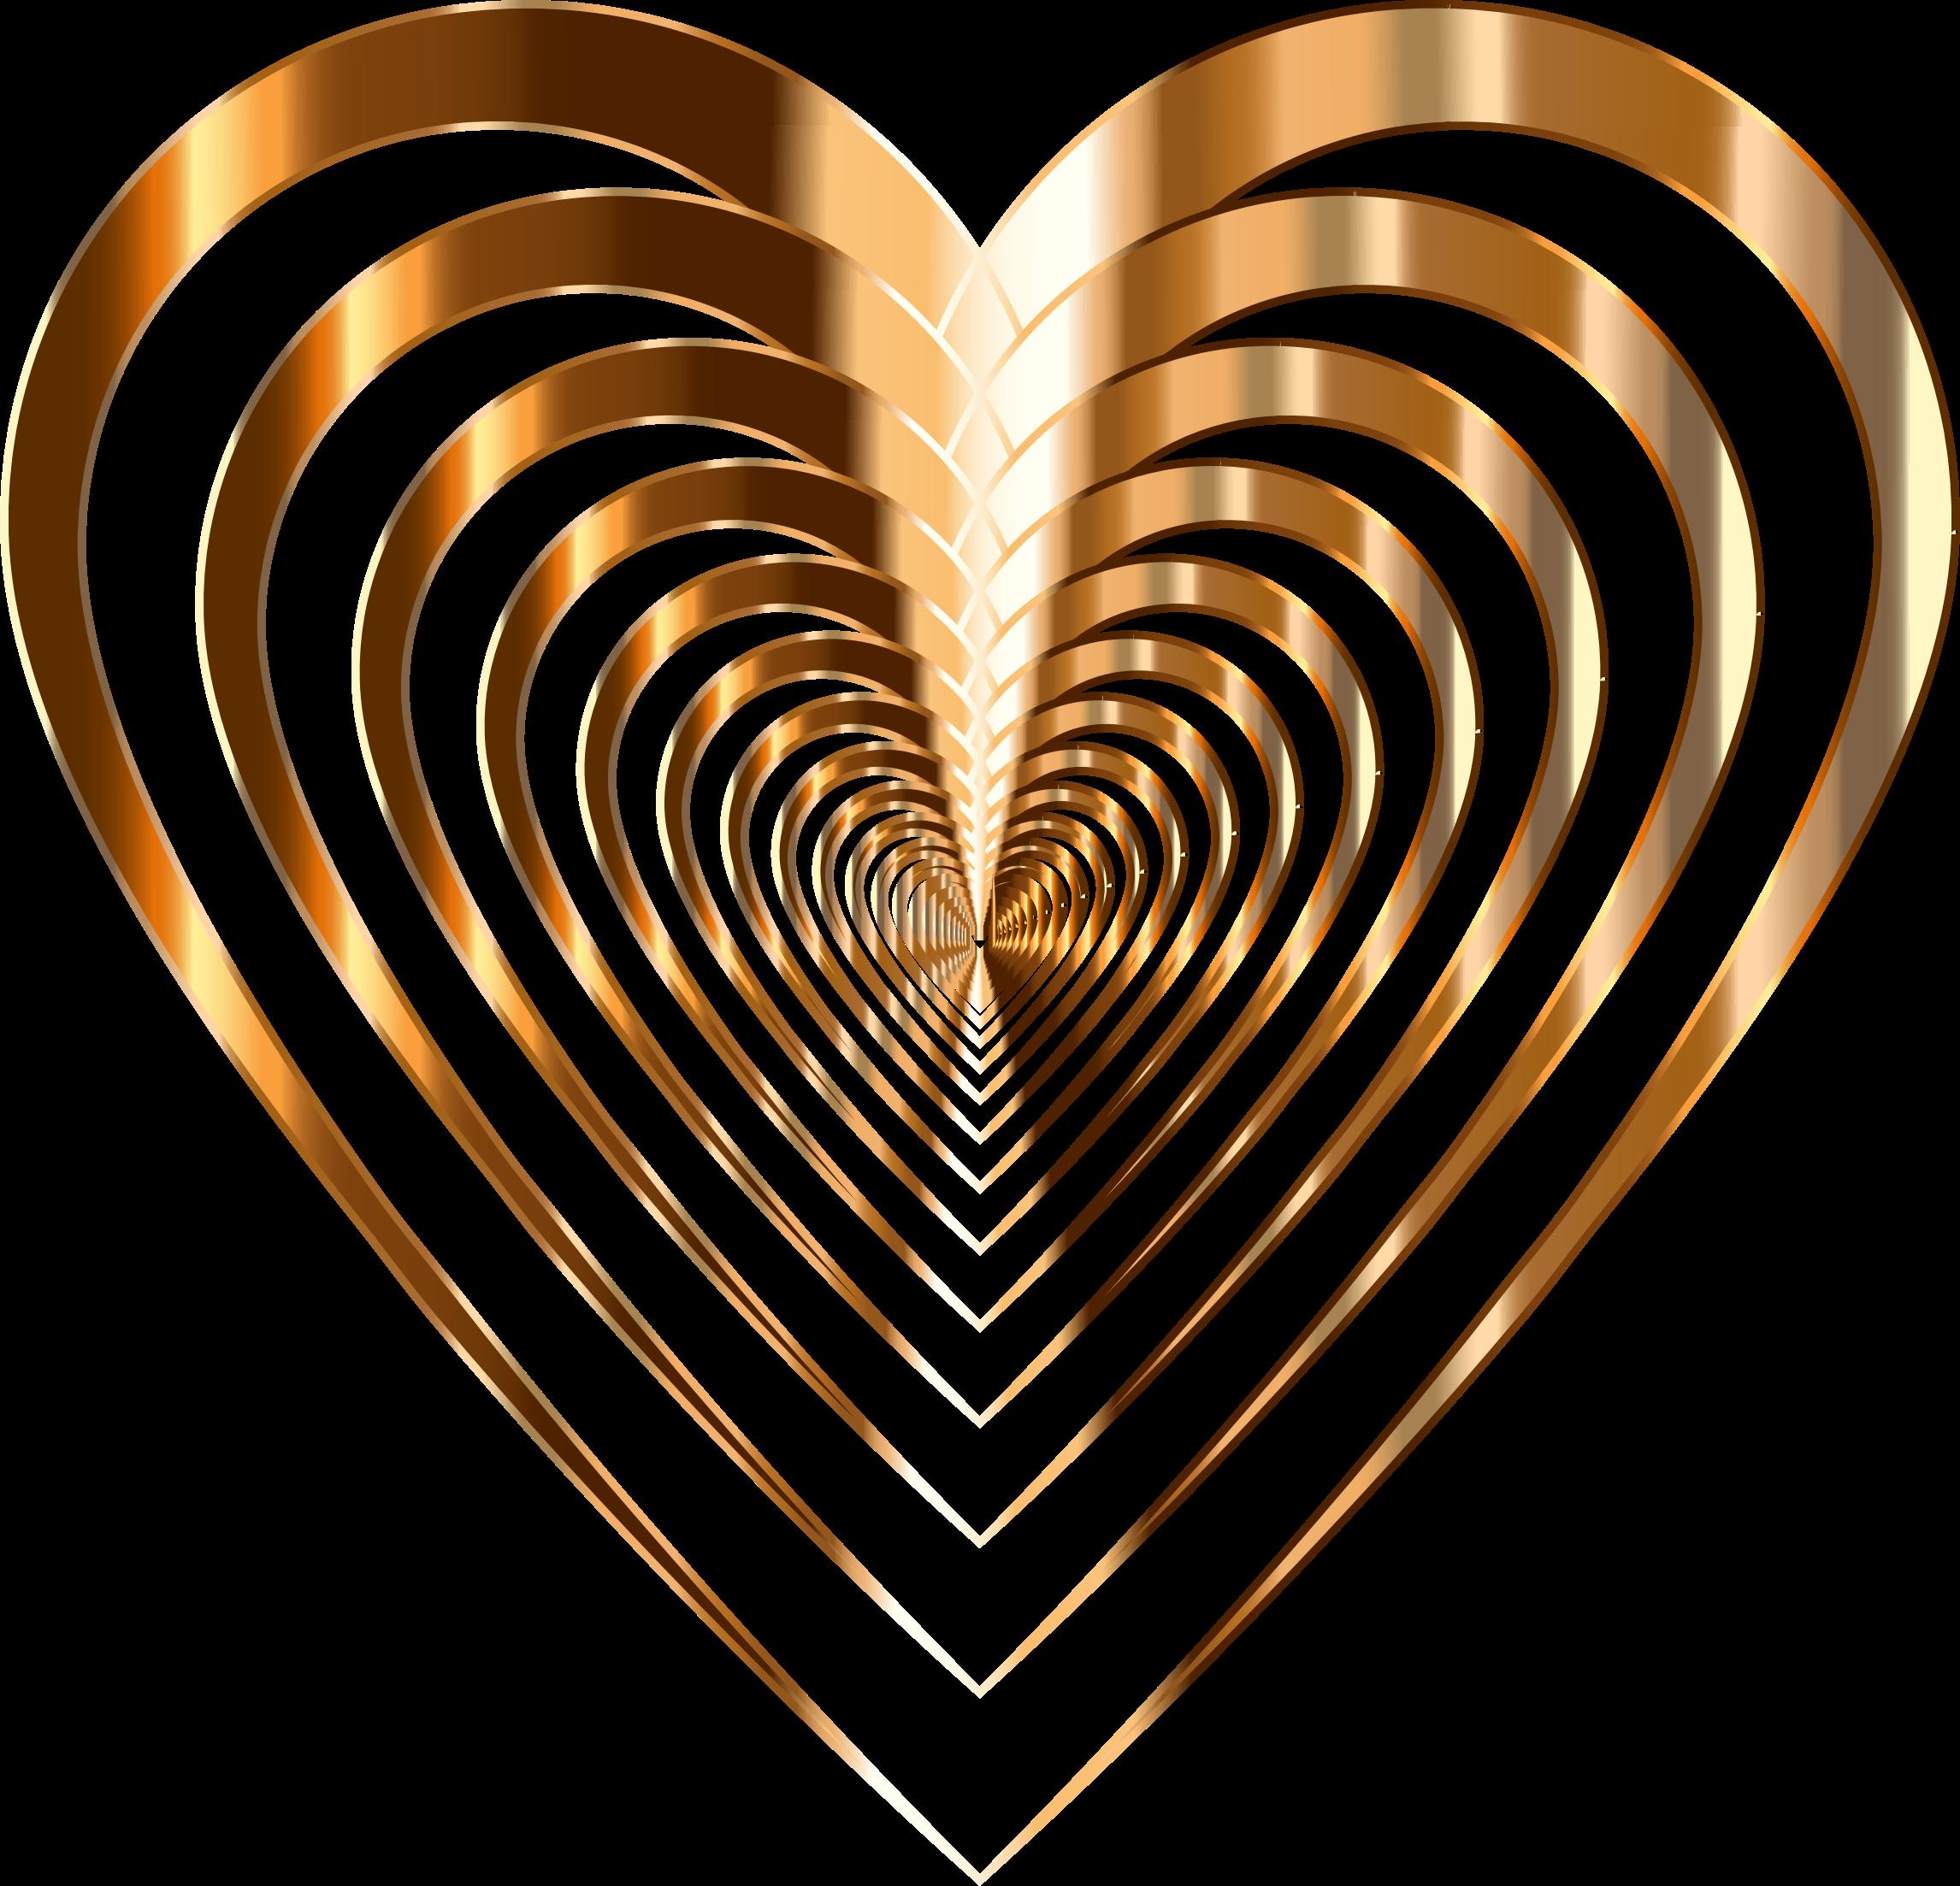 Clipart Of A Big Heart